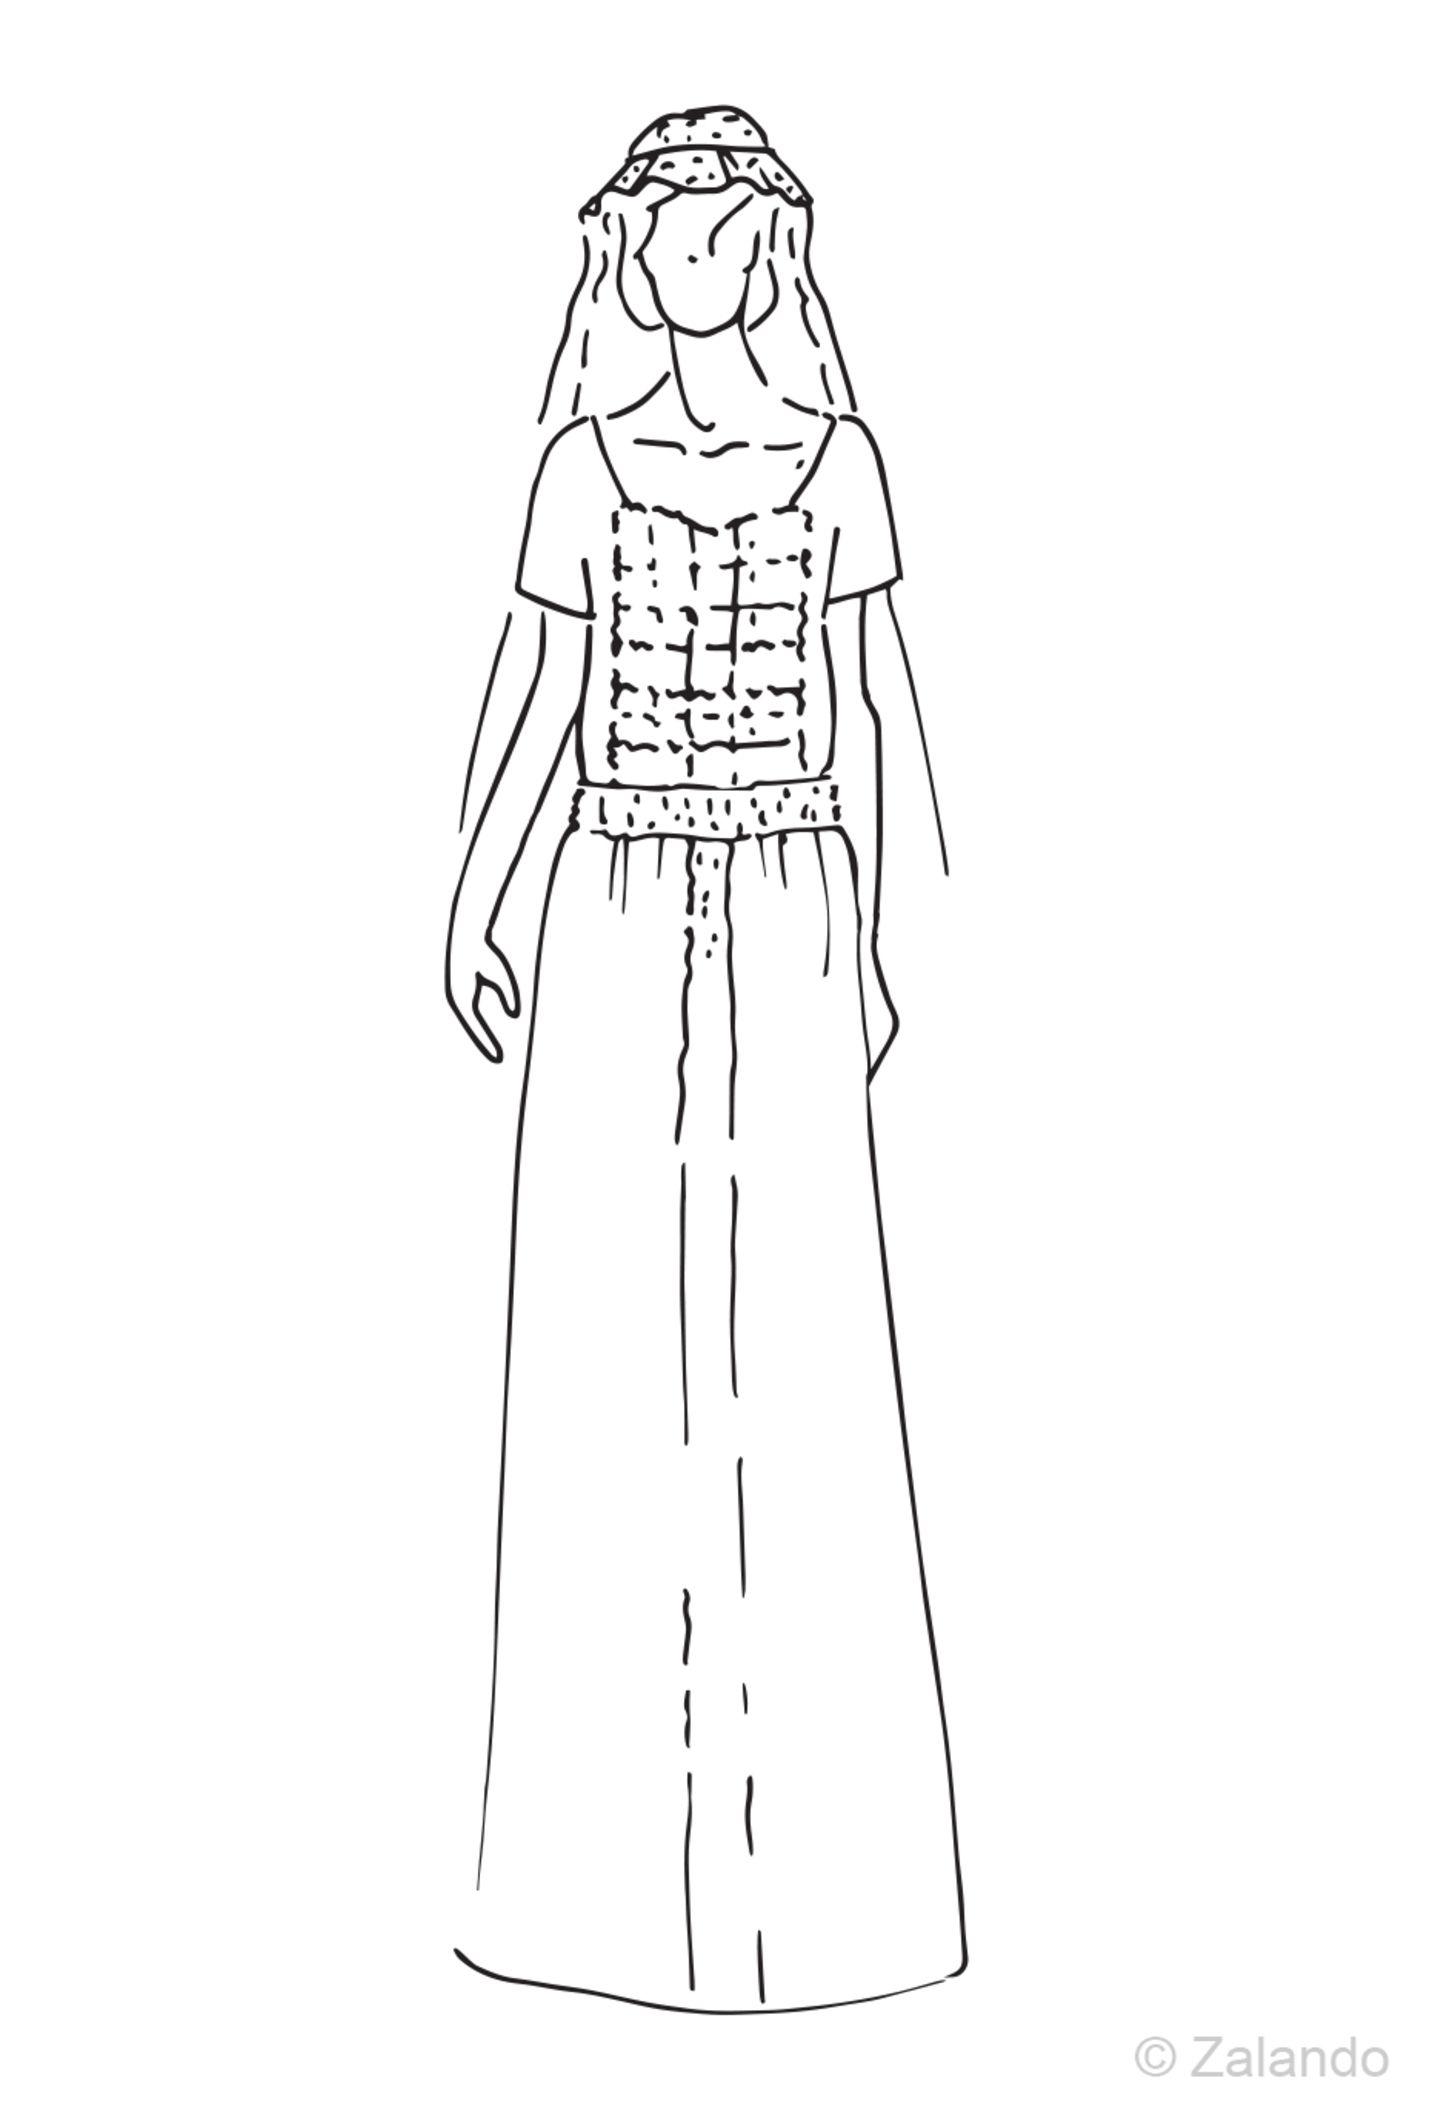 Royale Hochzeitskleider: Queen Elizabeth I